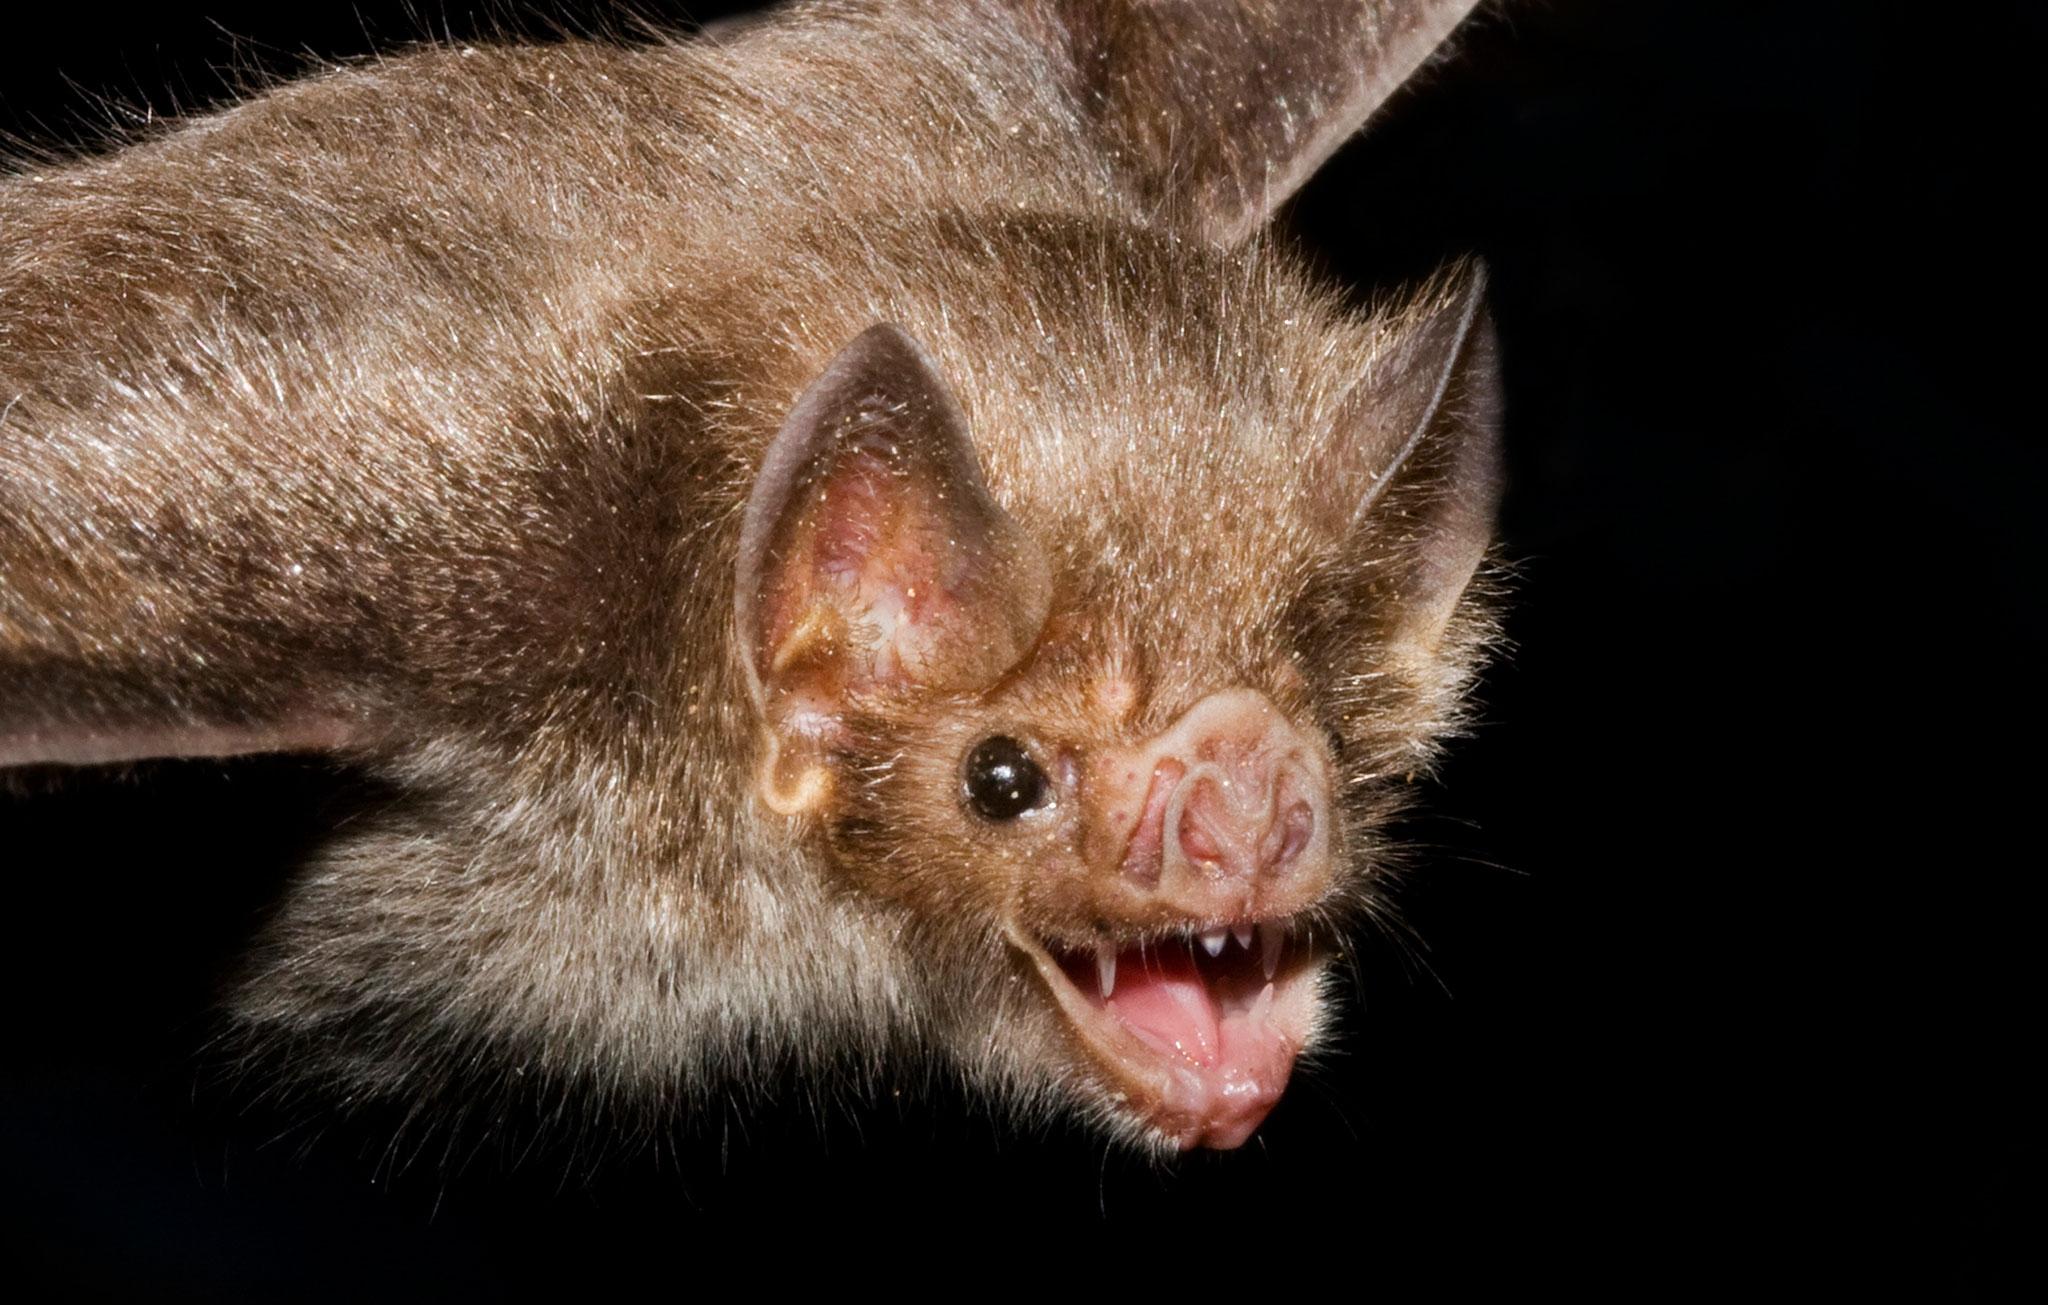 Vampire Bat For Desktop